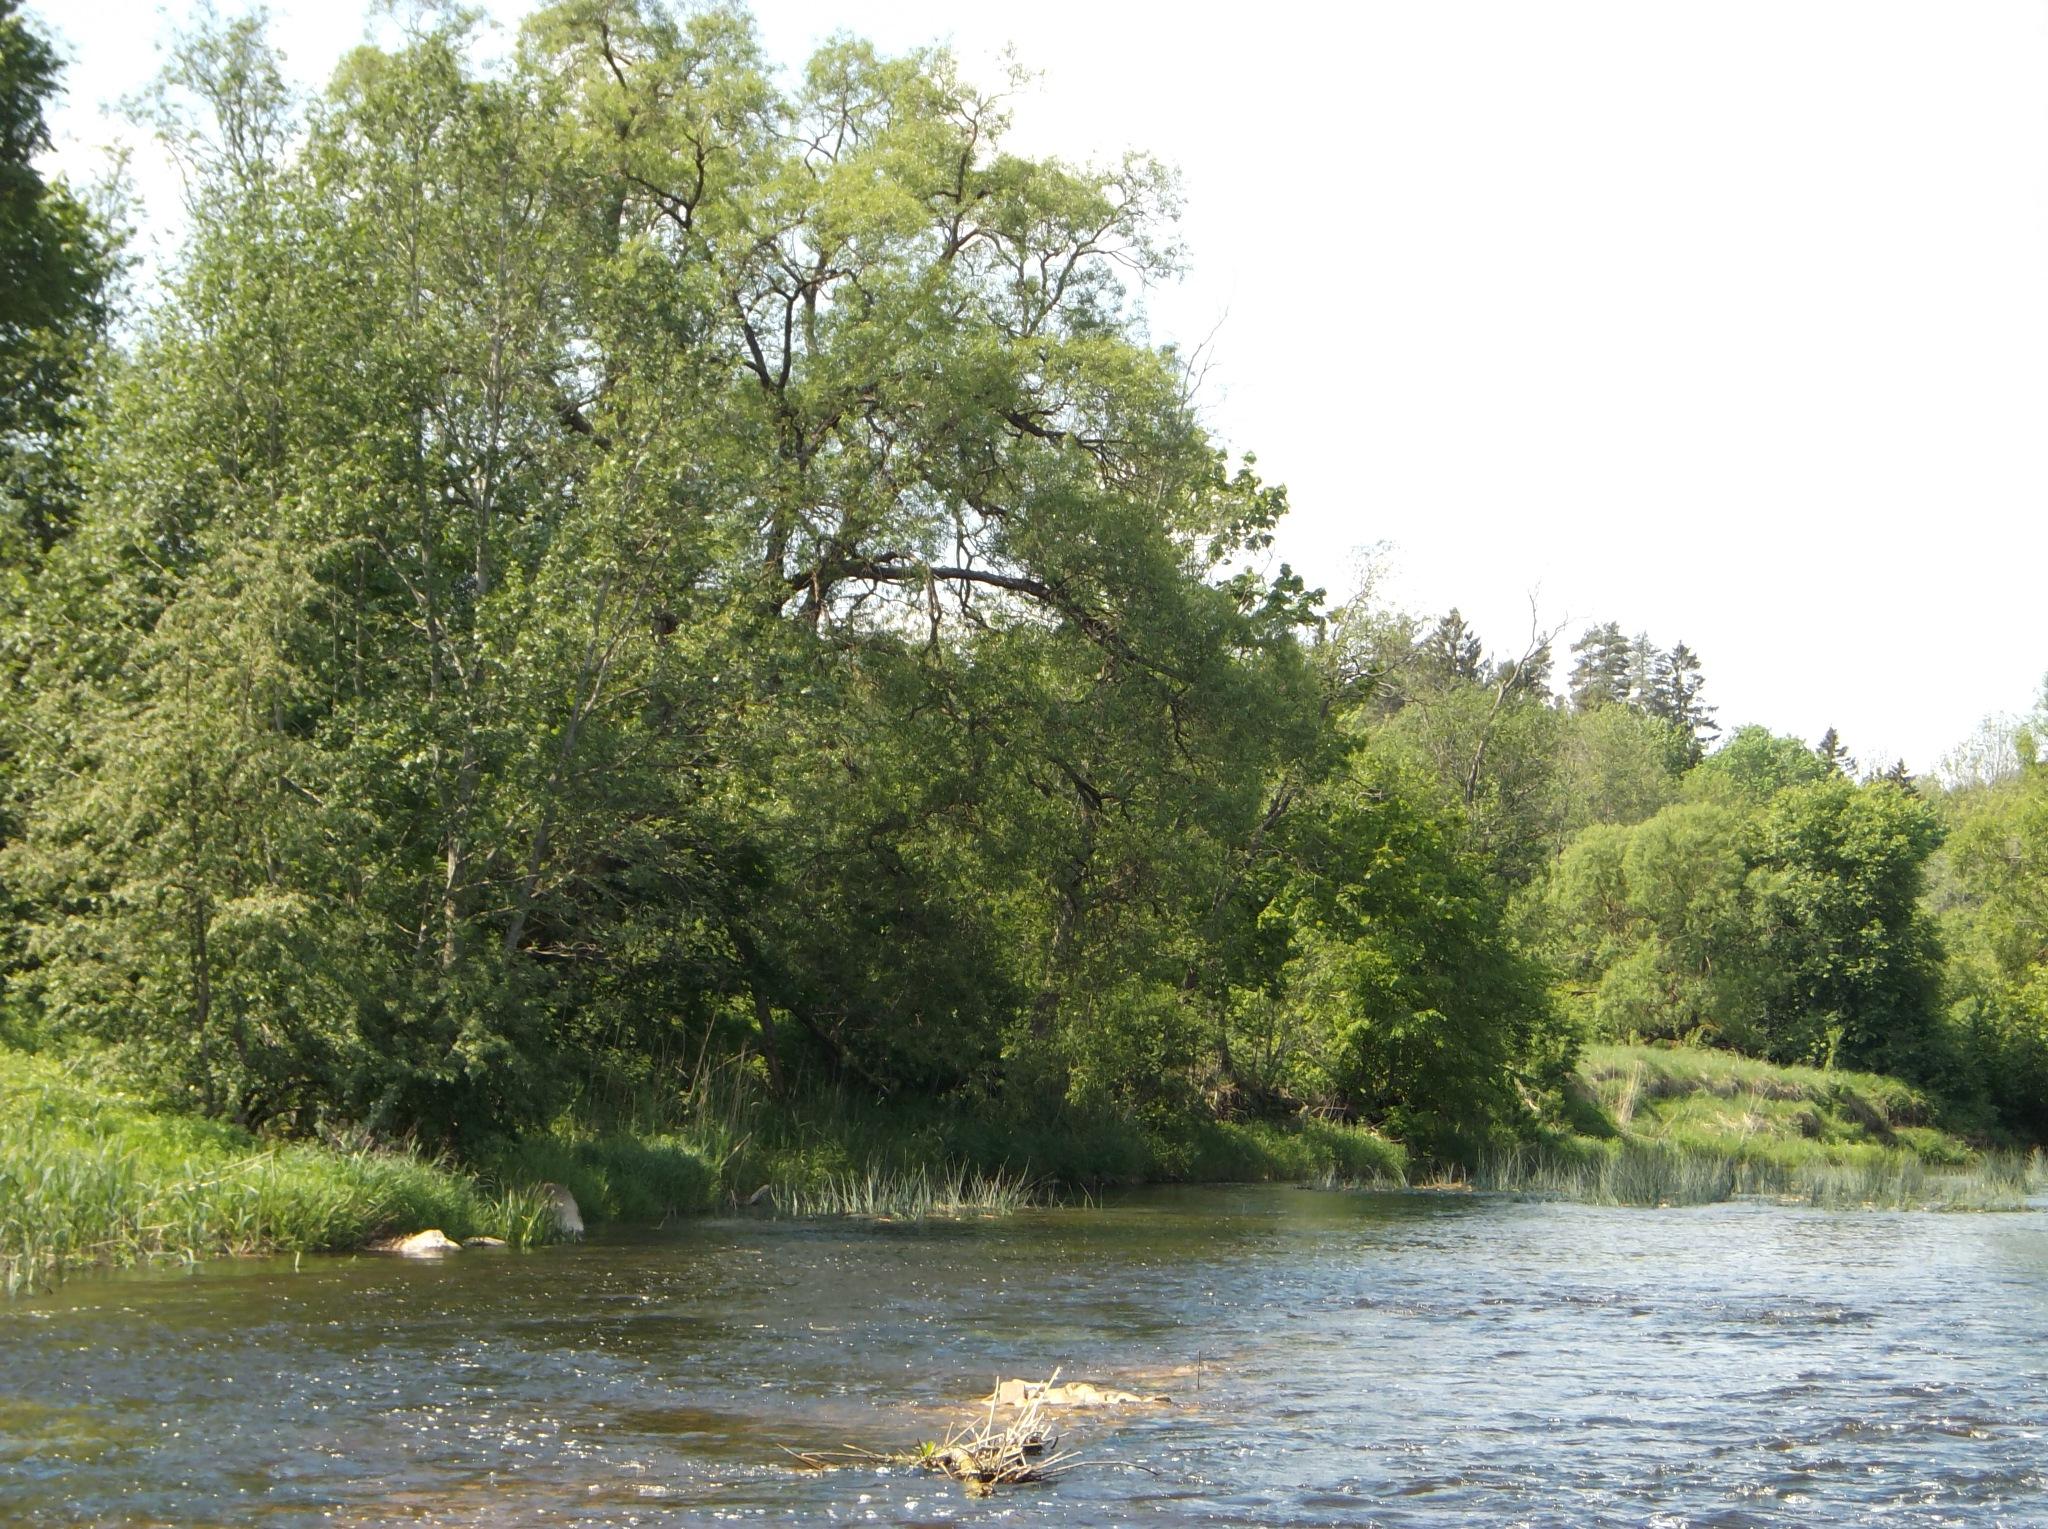 Riverside trees by uzkuraitiene62